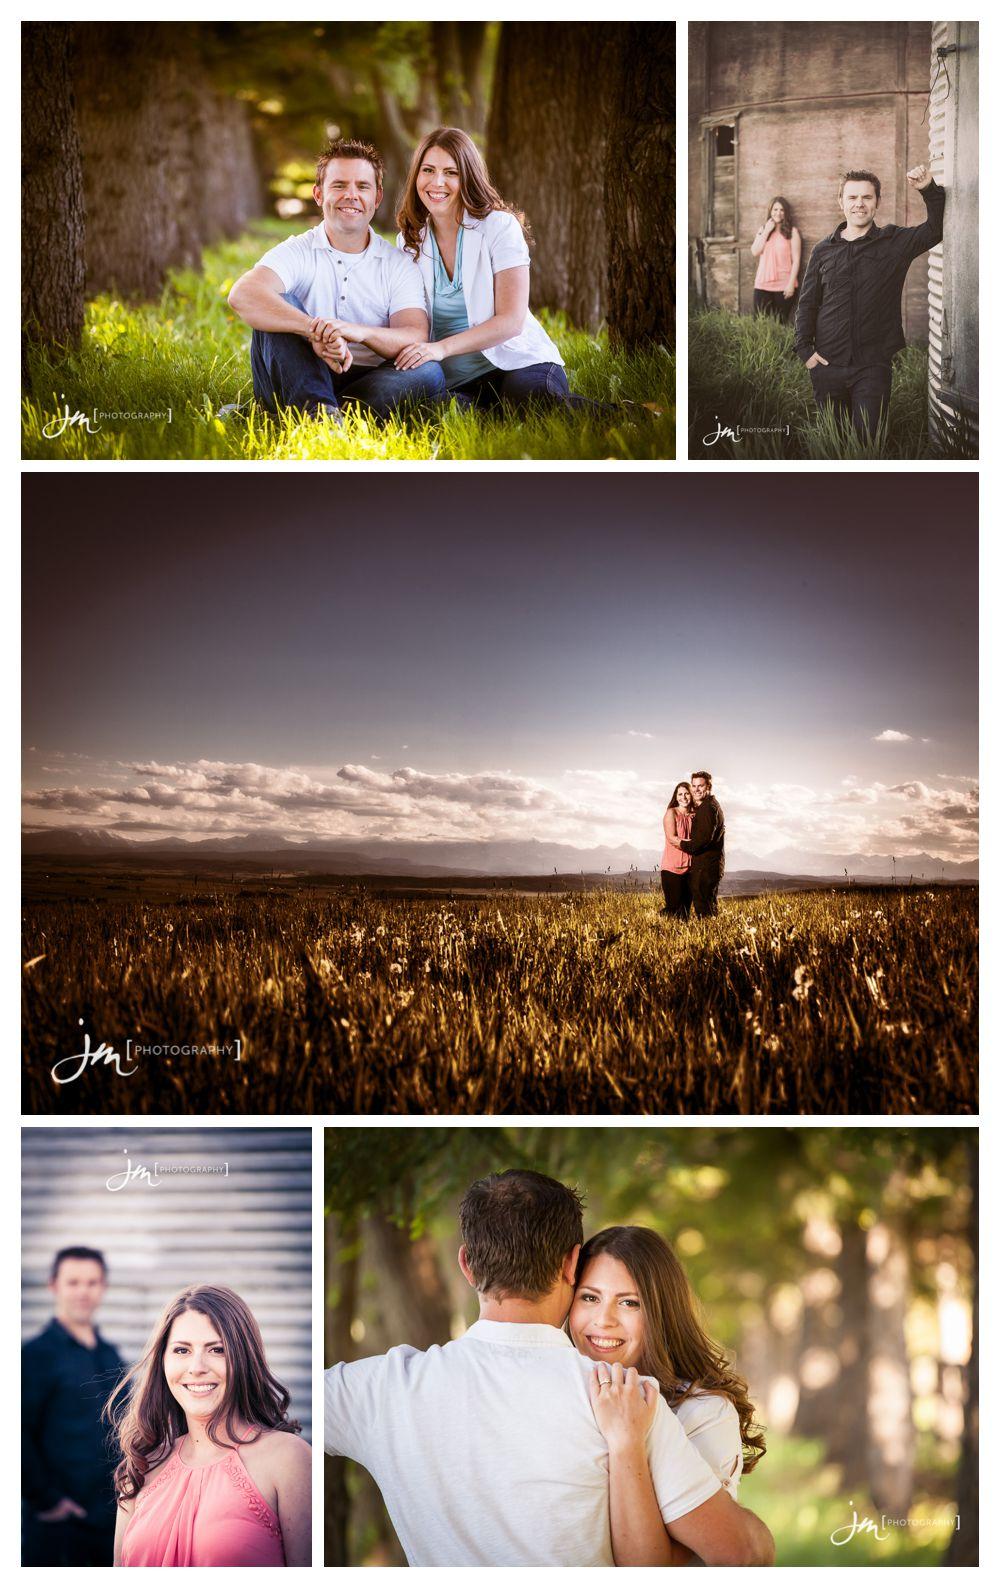 140621_780-Engagement-Photography-Calgary-JM_Photography-Jeremy-Martel-Okotoks